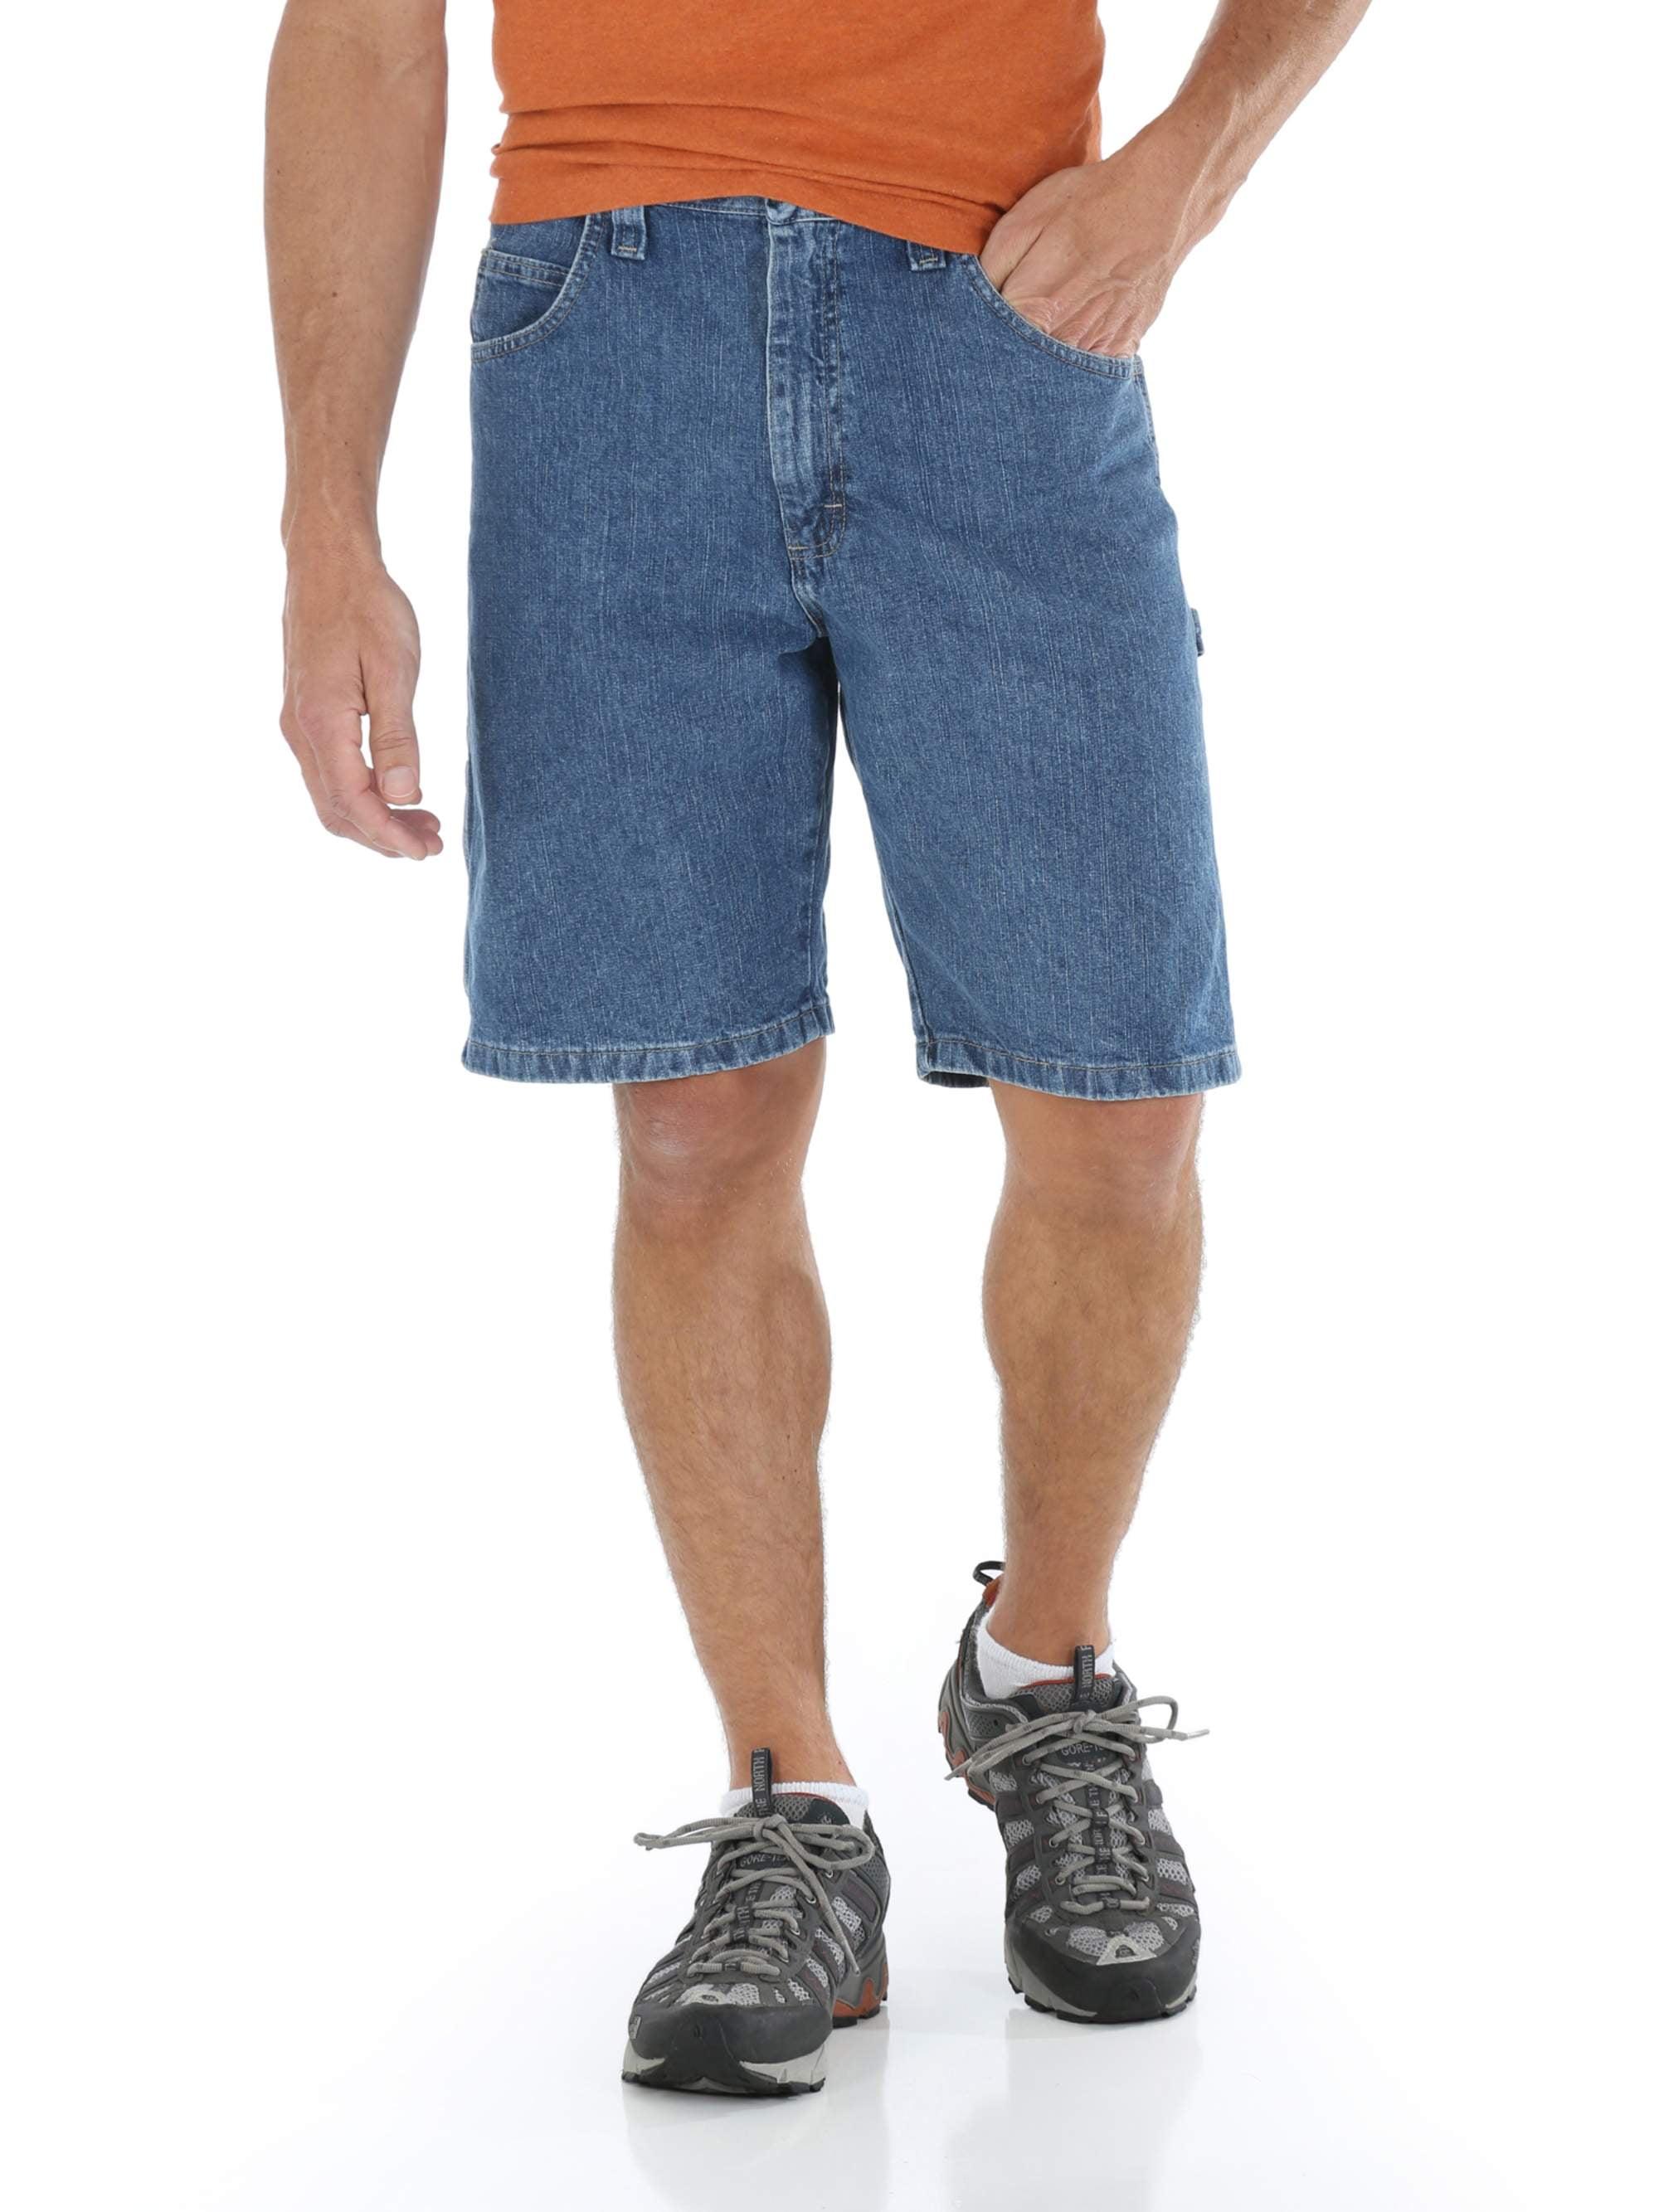 b5abd746 Wrangler - wrangler men's carpenter short - Walmart.com